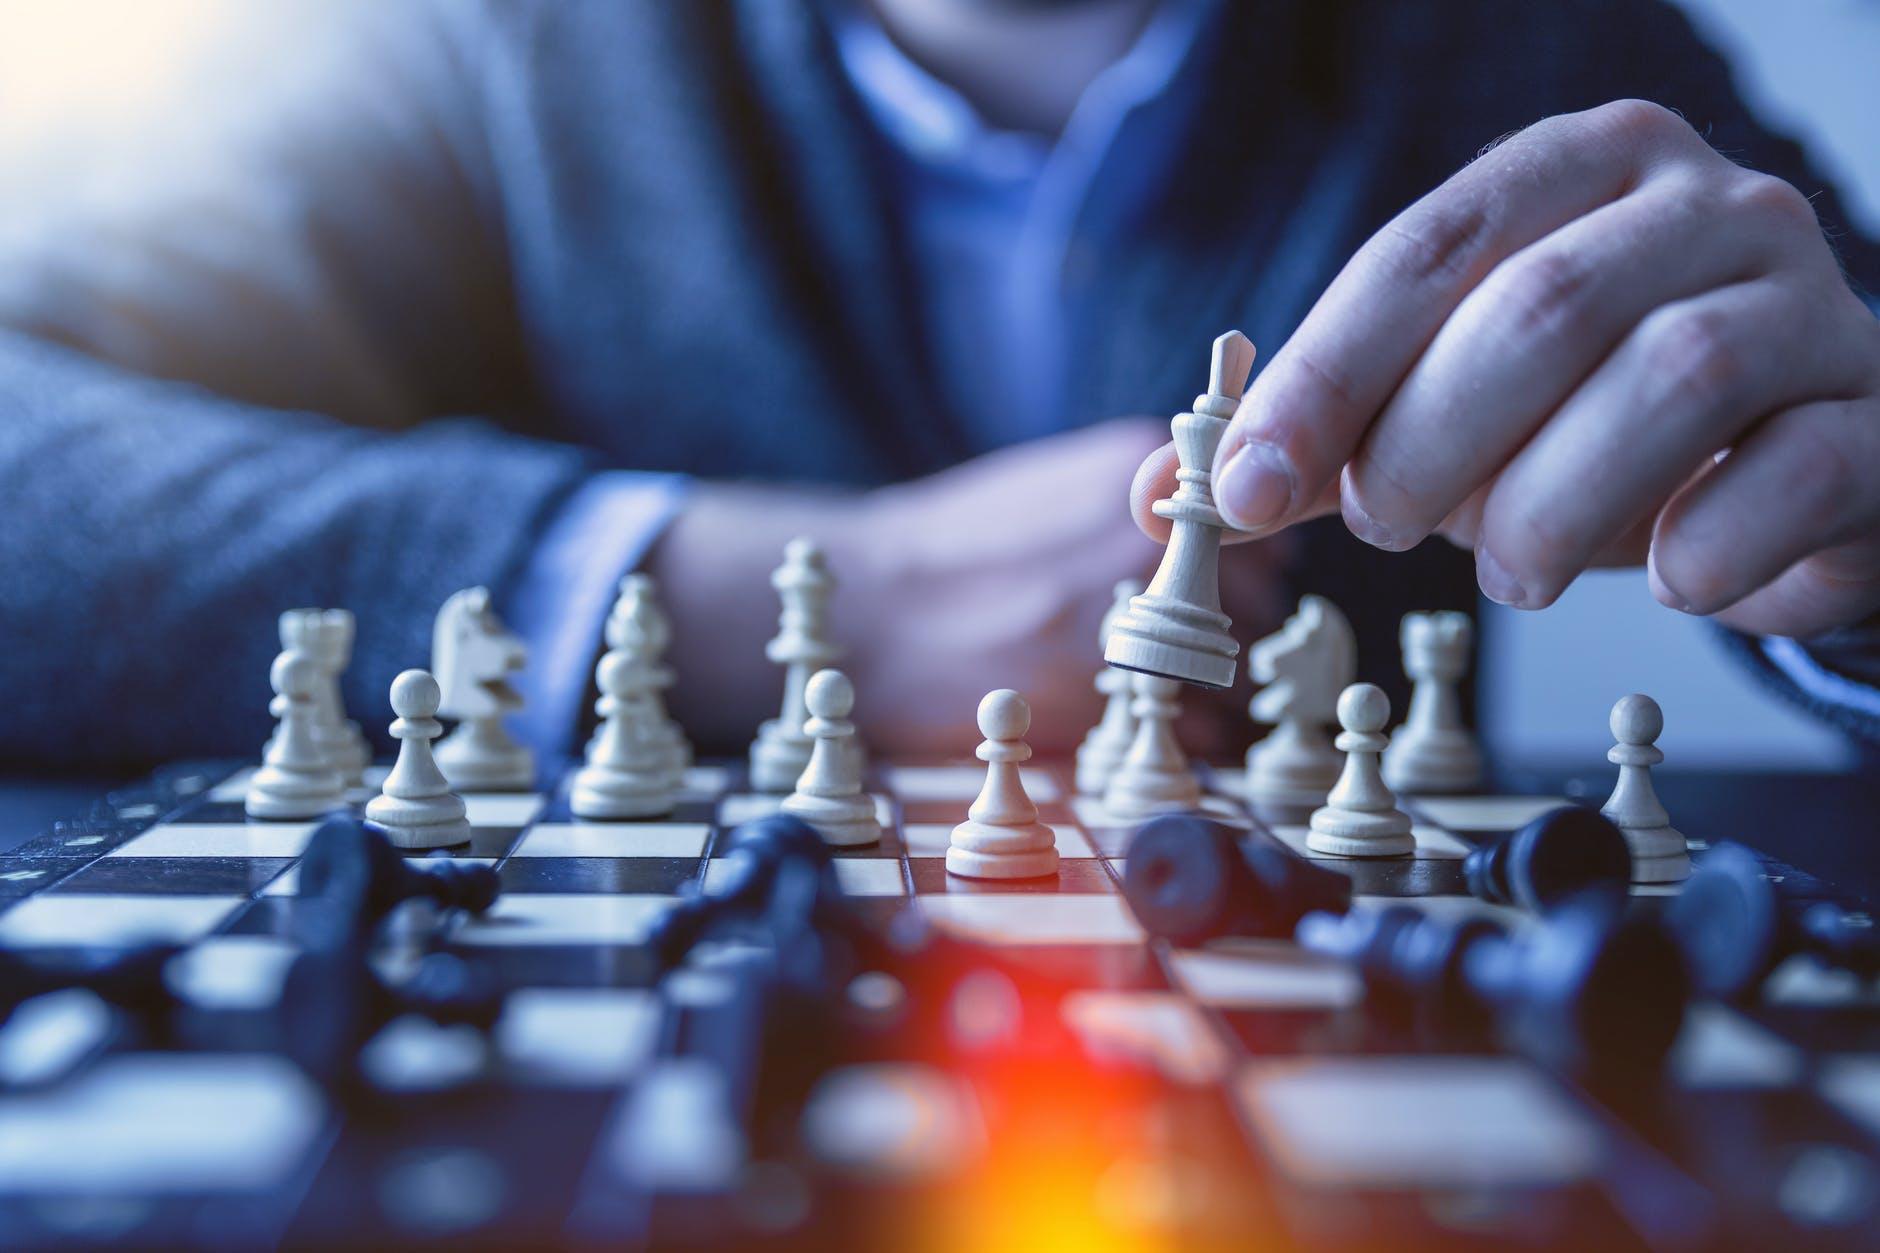 外汇模拟交易是什么? 外汇模拟操作怎么进行?